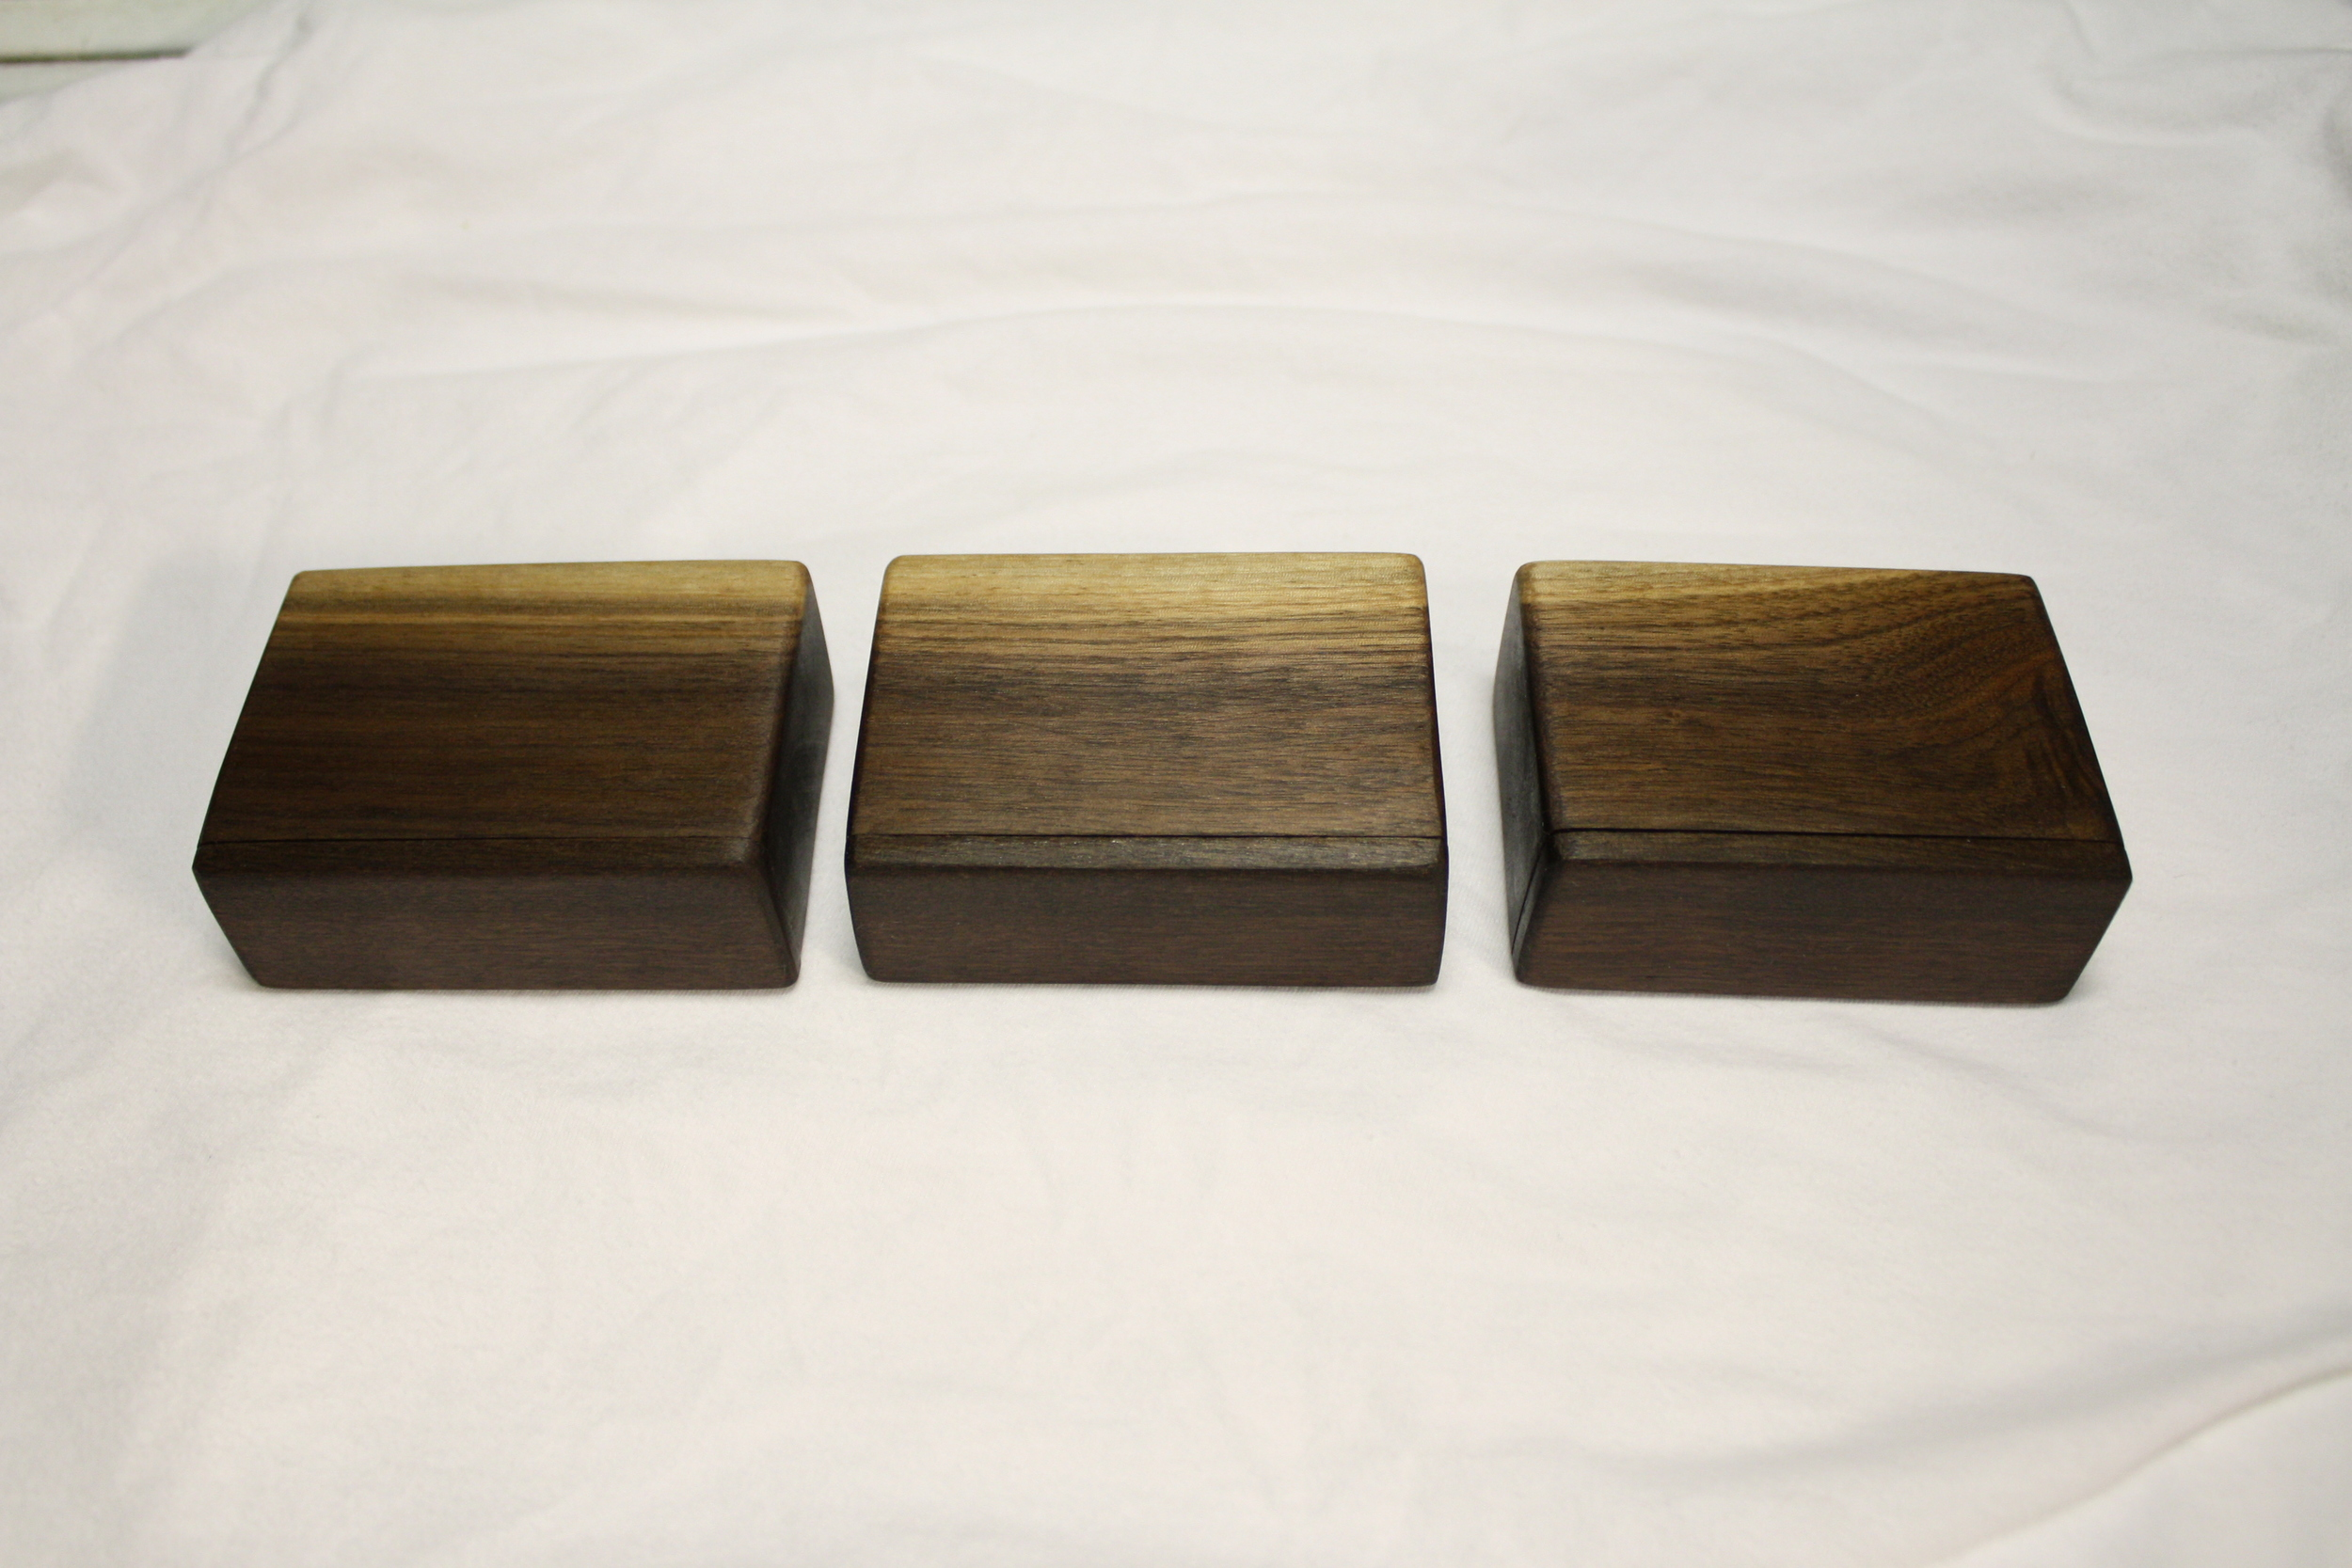 Black Walnut Jewelry Boxes